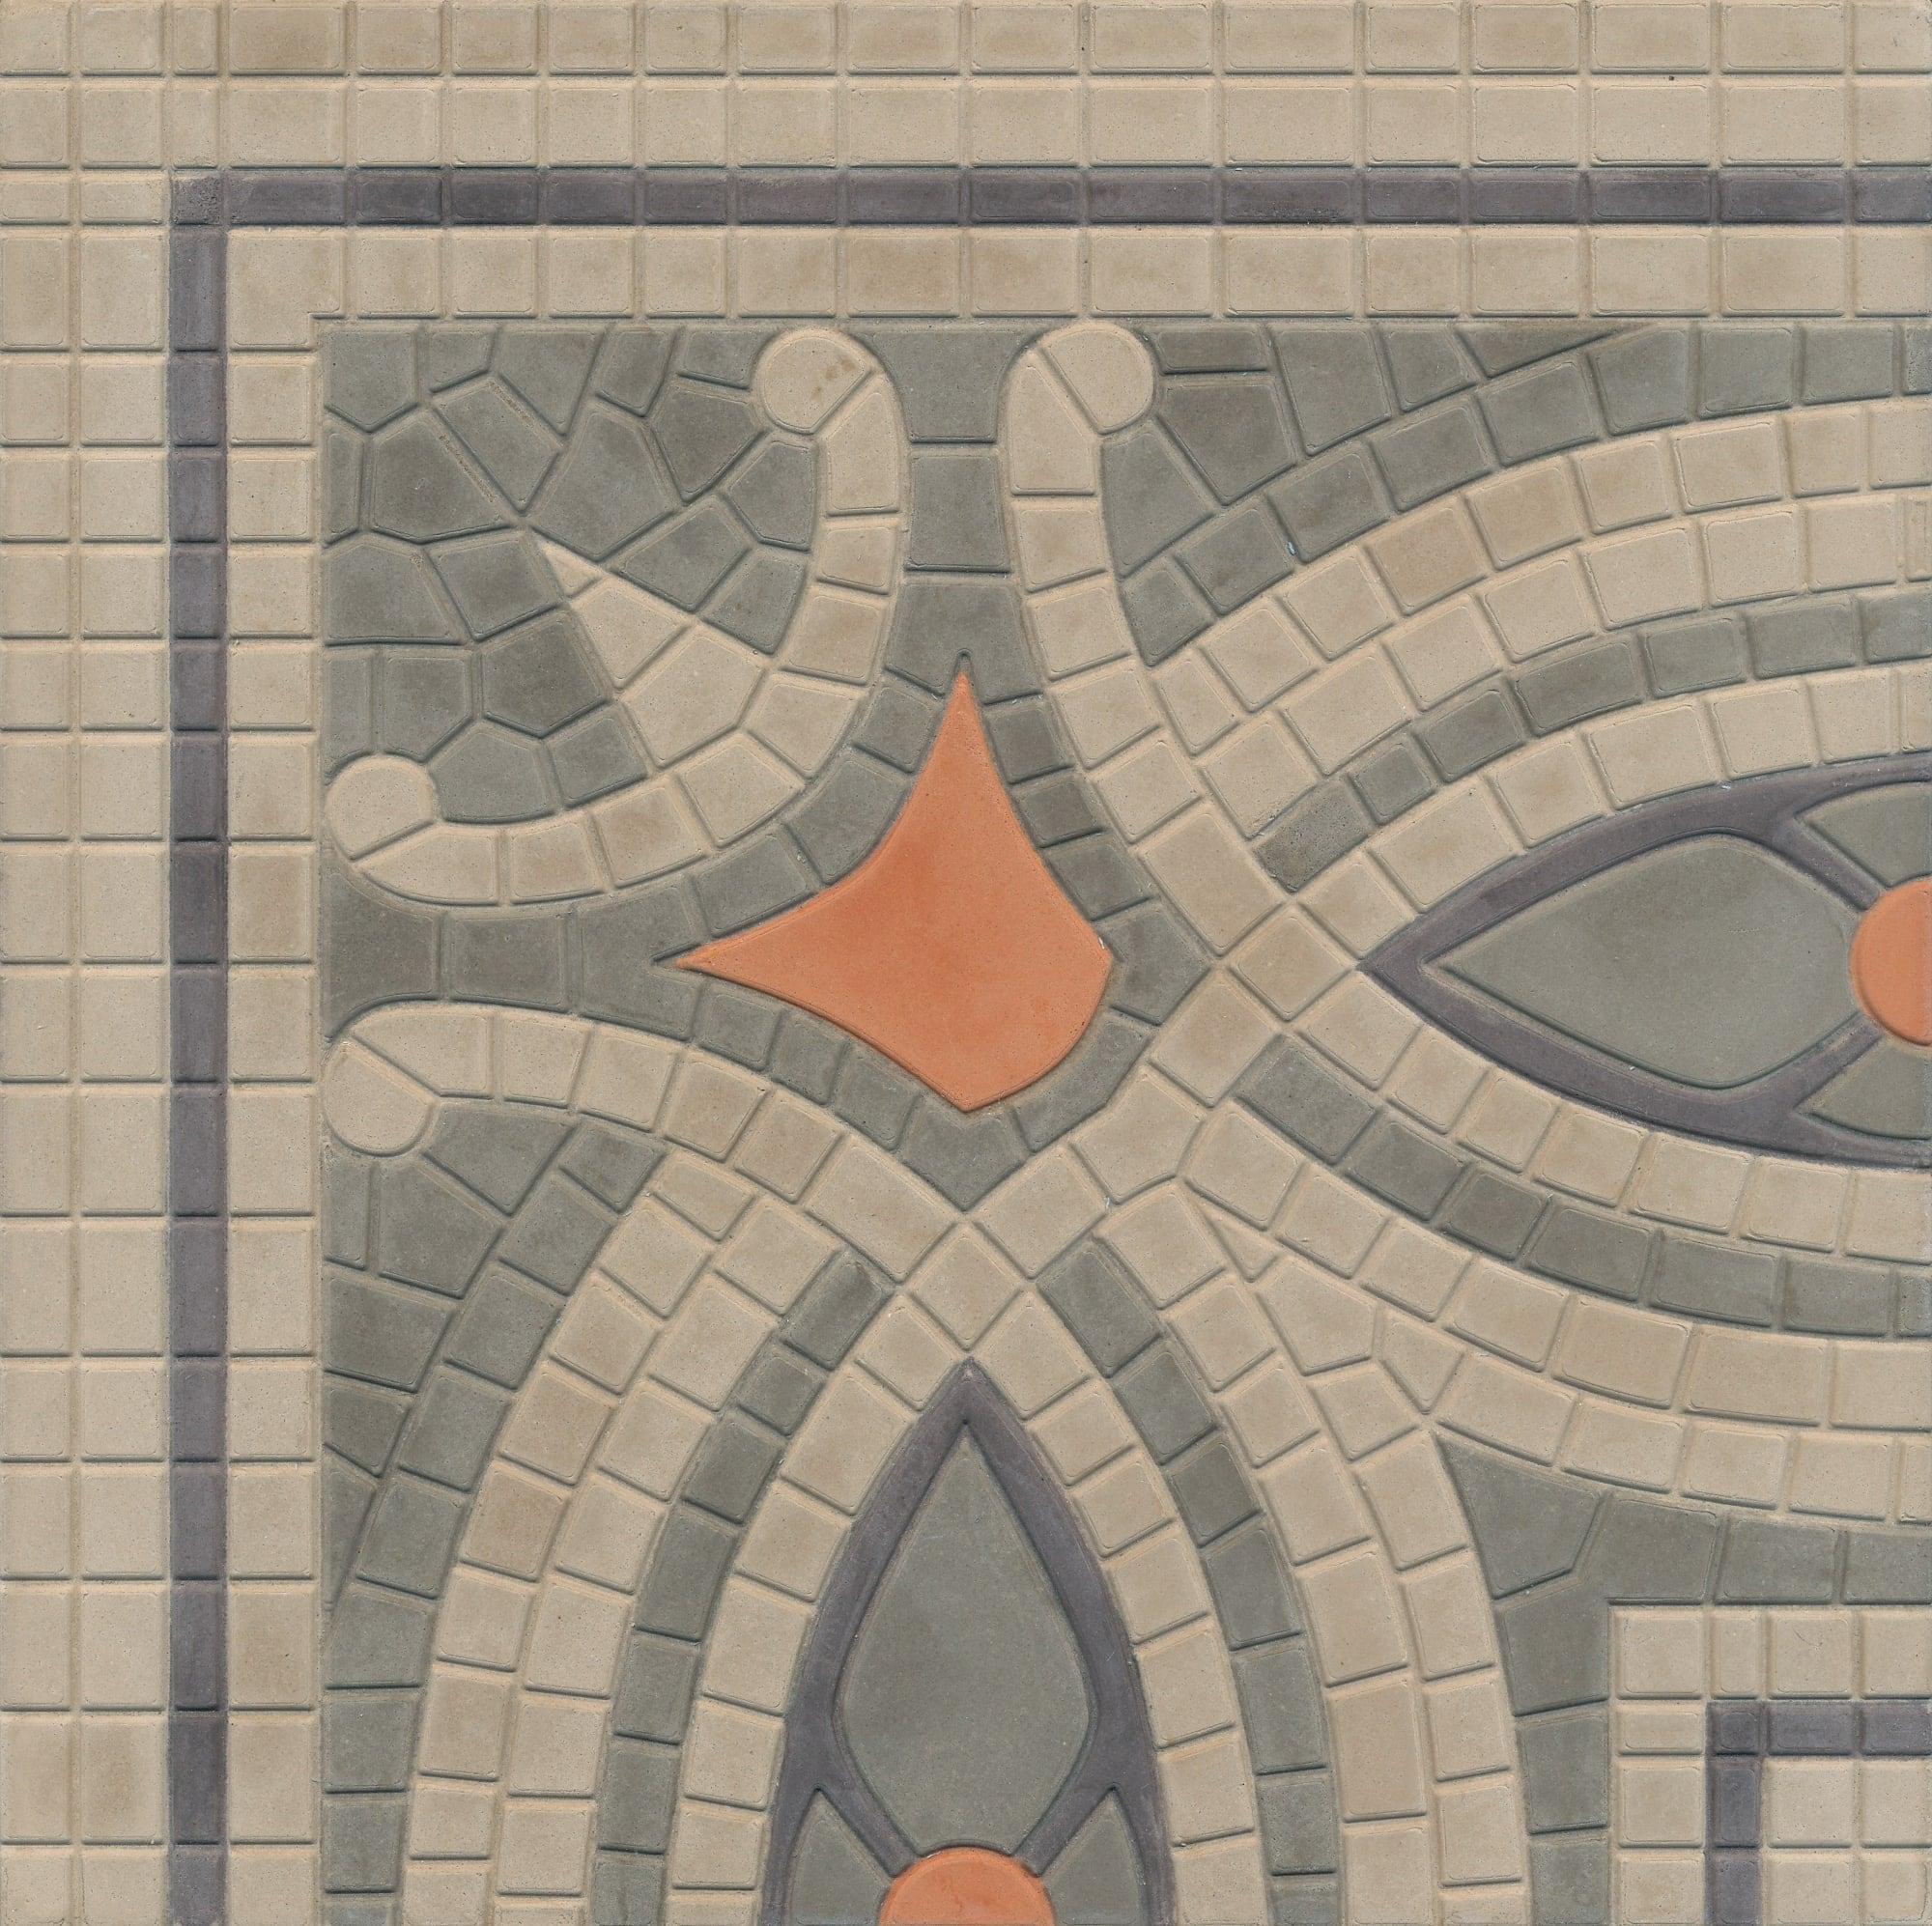 zementfliesen-nummer-43152-viaplatten | 42152